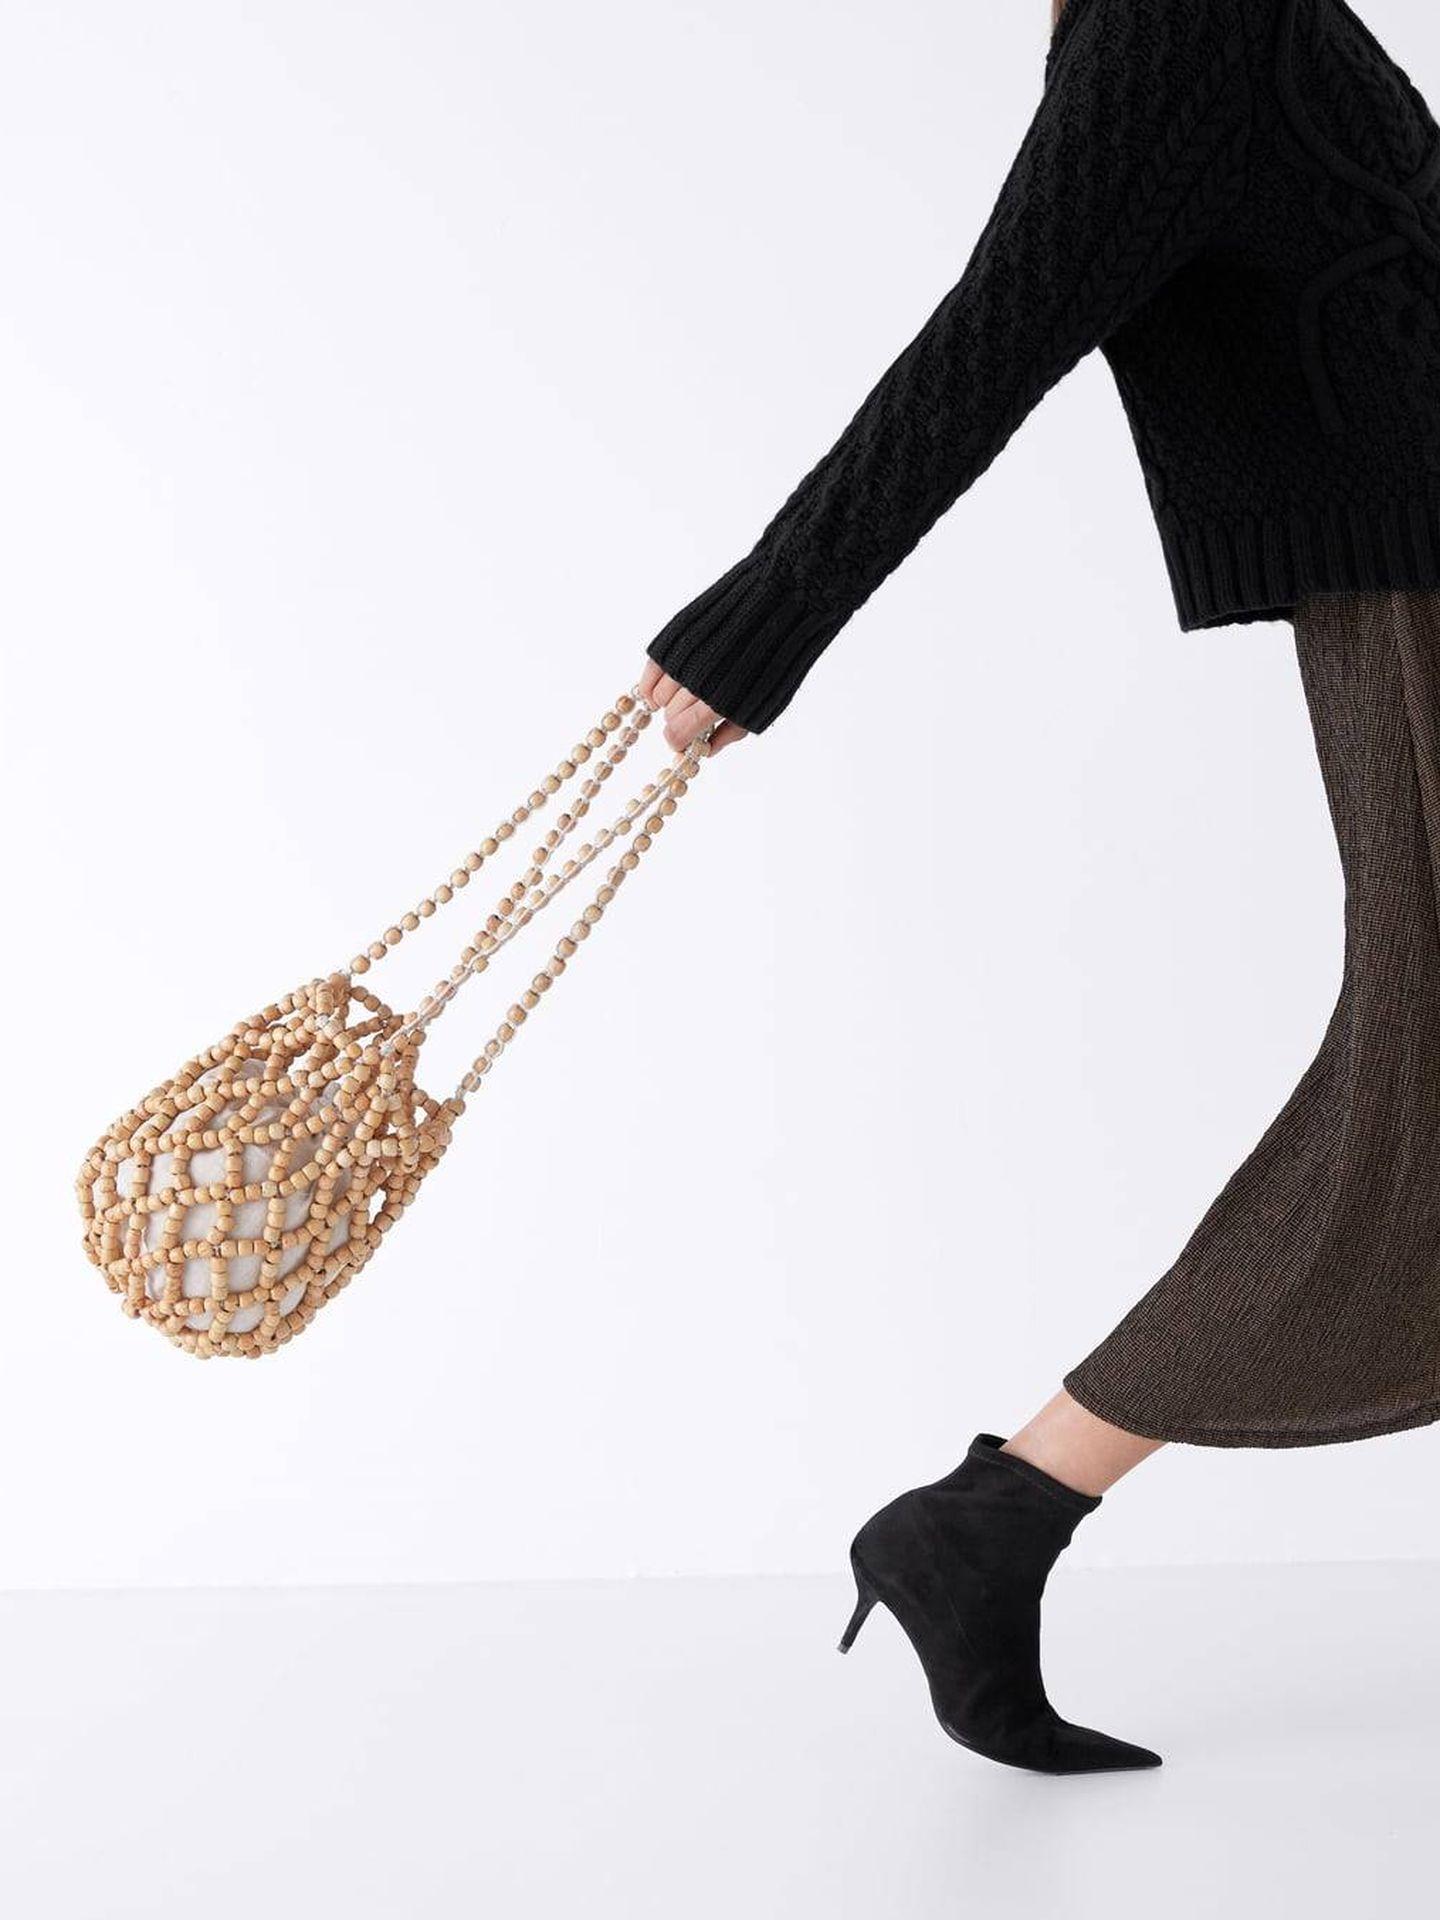 Nos encanta este saco con cuentas de madera (29,95 €), de Zara. (Cortesía)